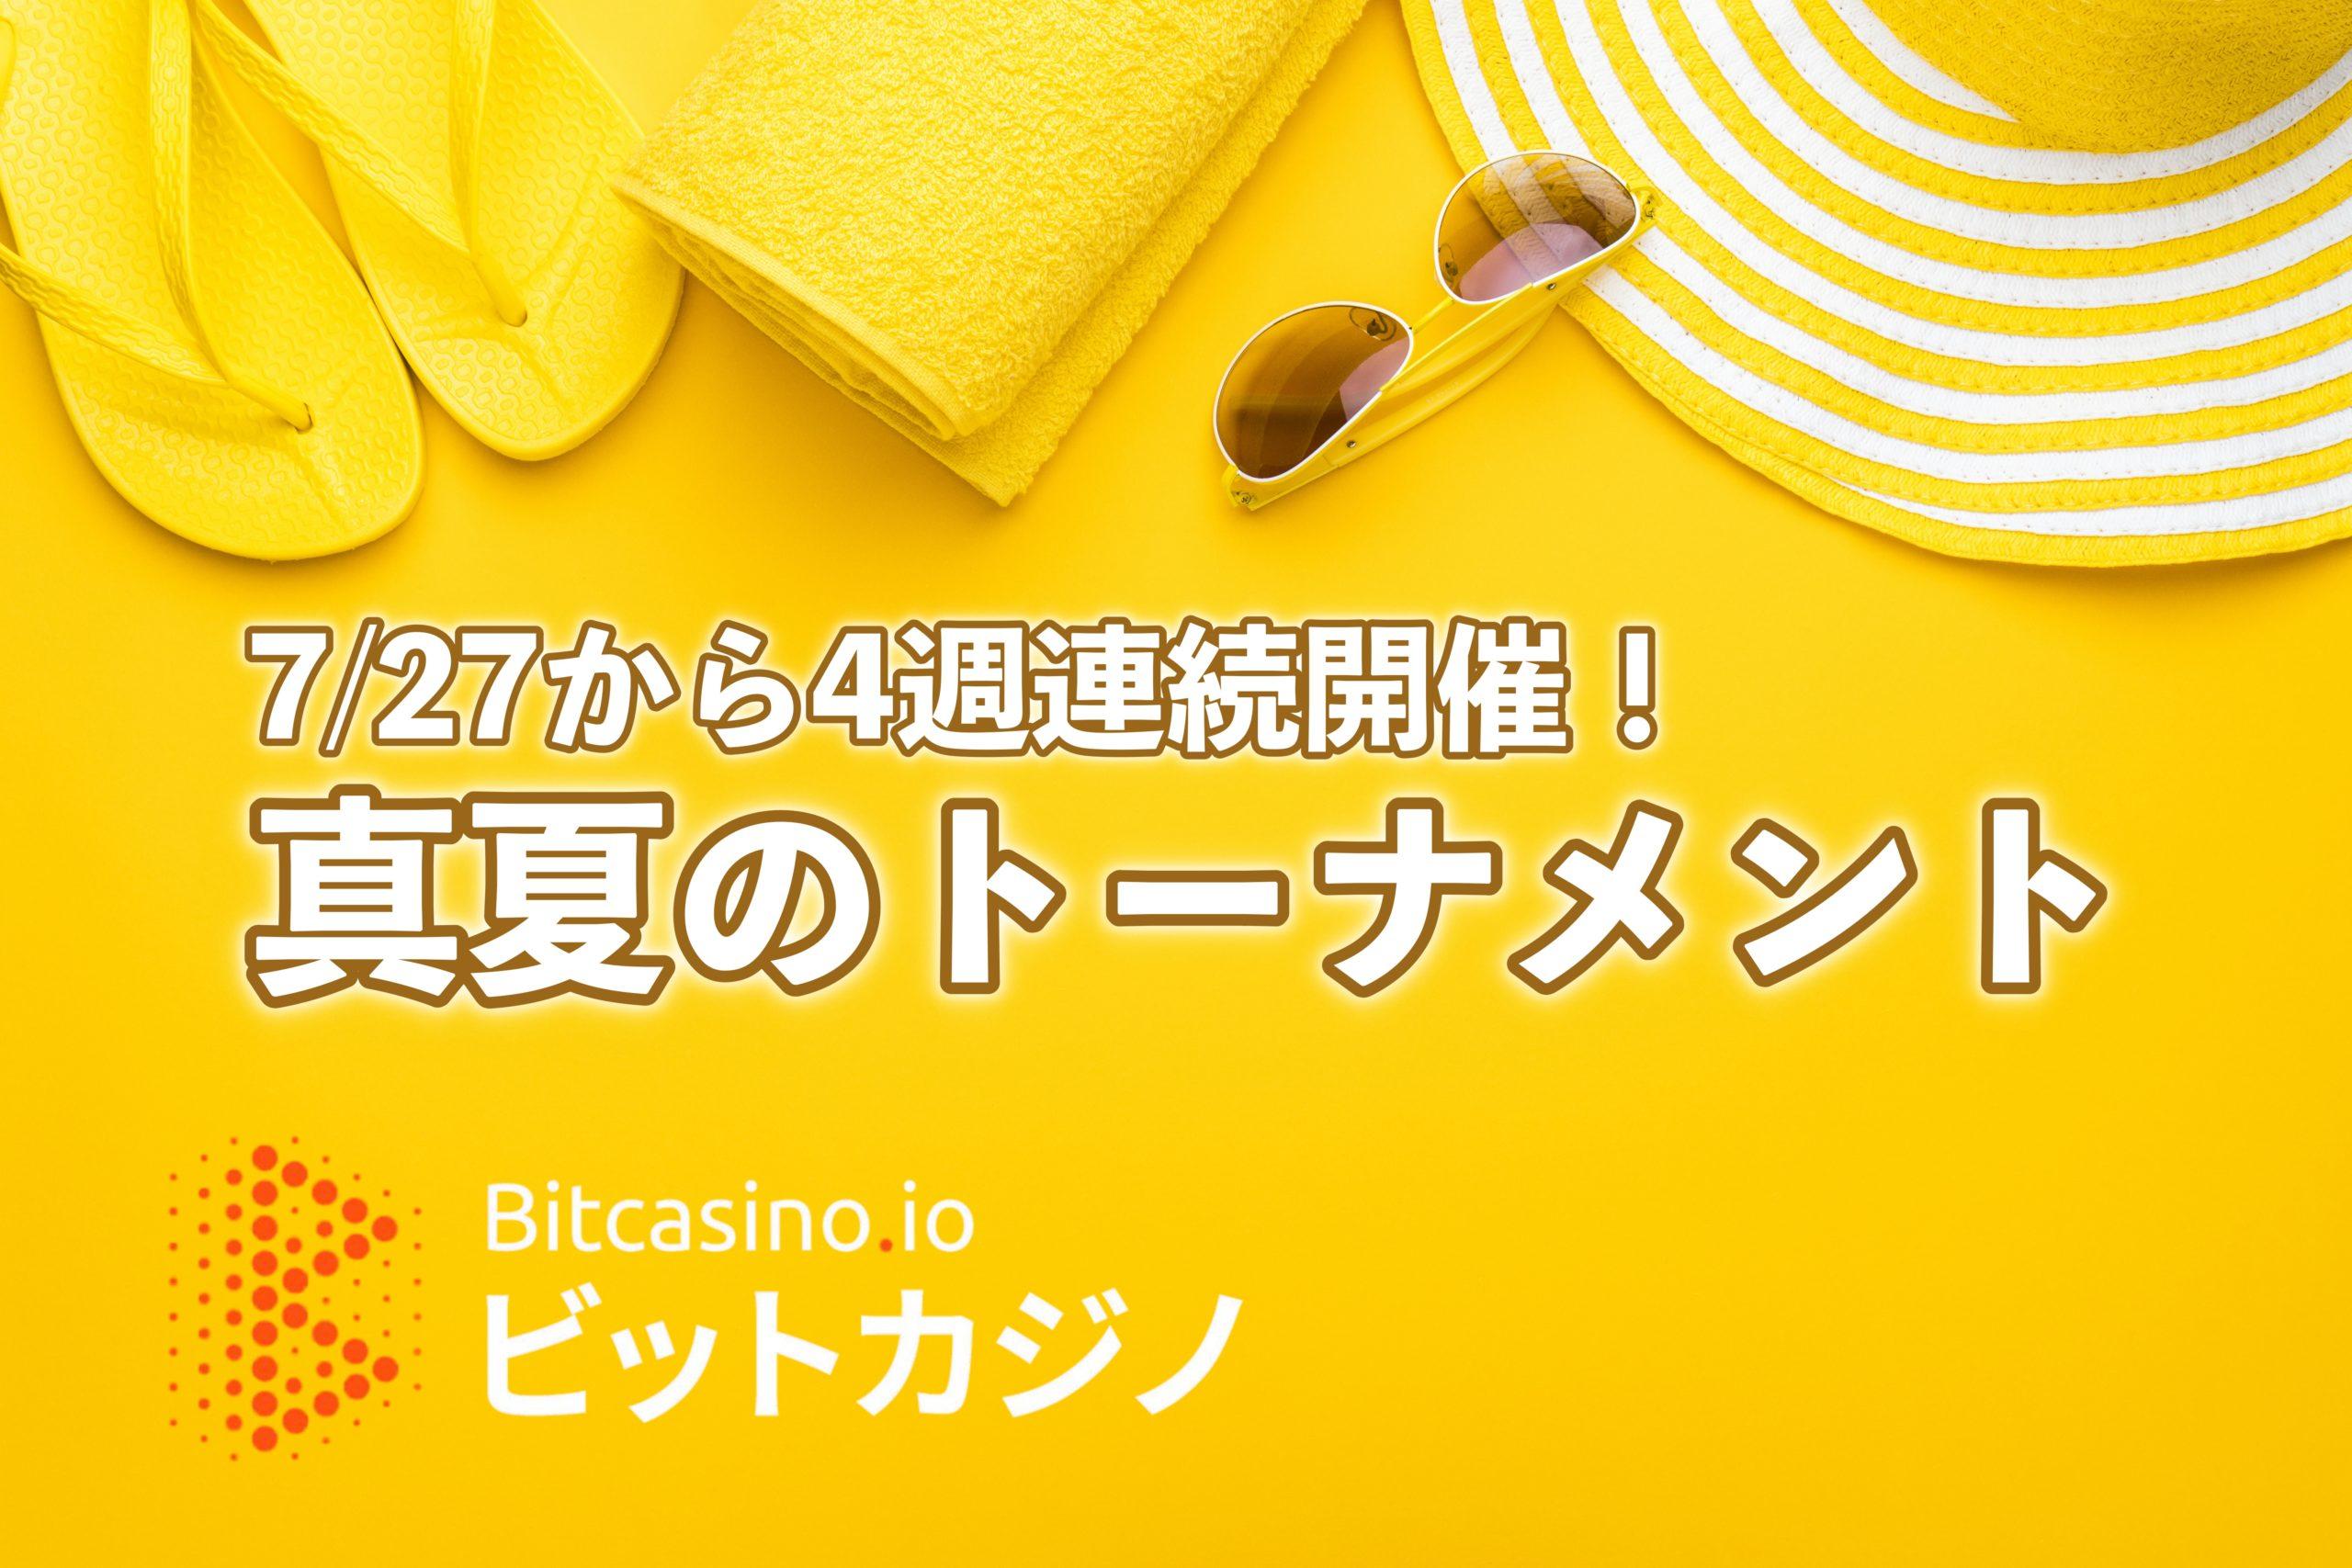 【賞金総額1.08BTC】ビットカジノで夏がテーマの賞金トーナメントが4週連続開催!